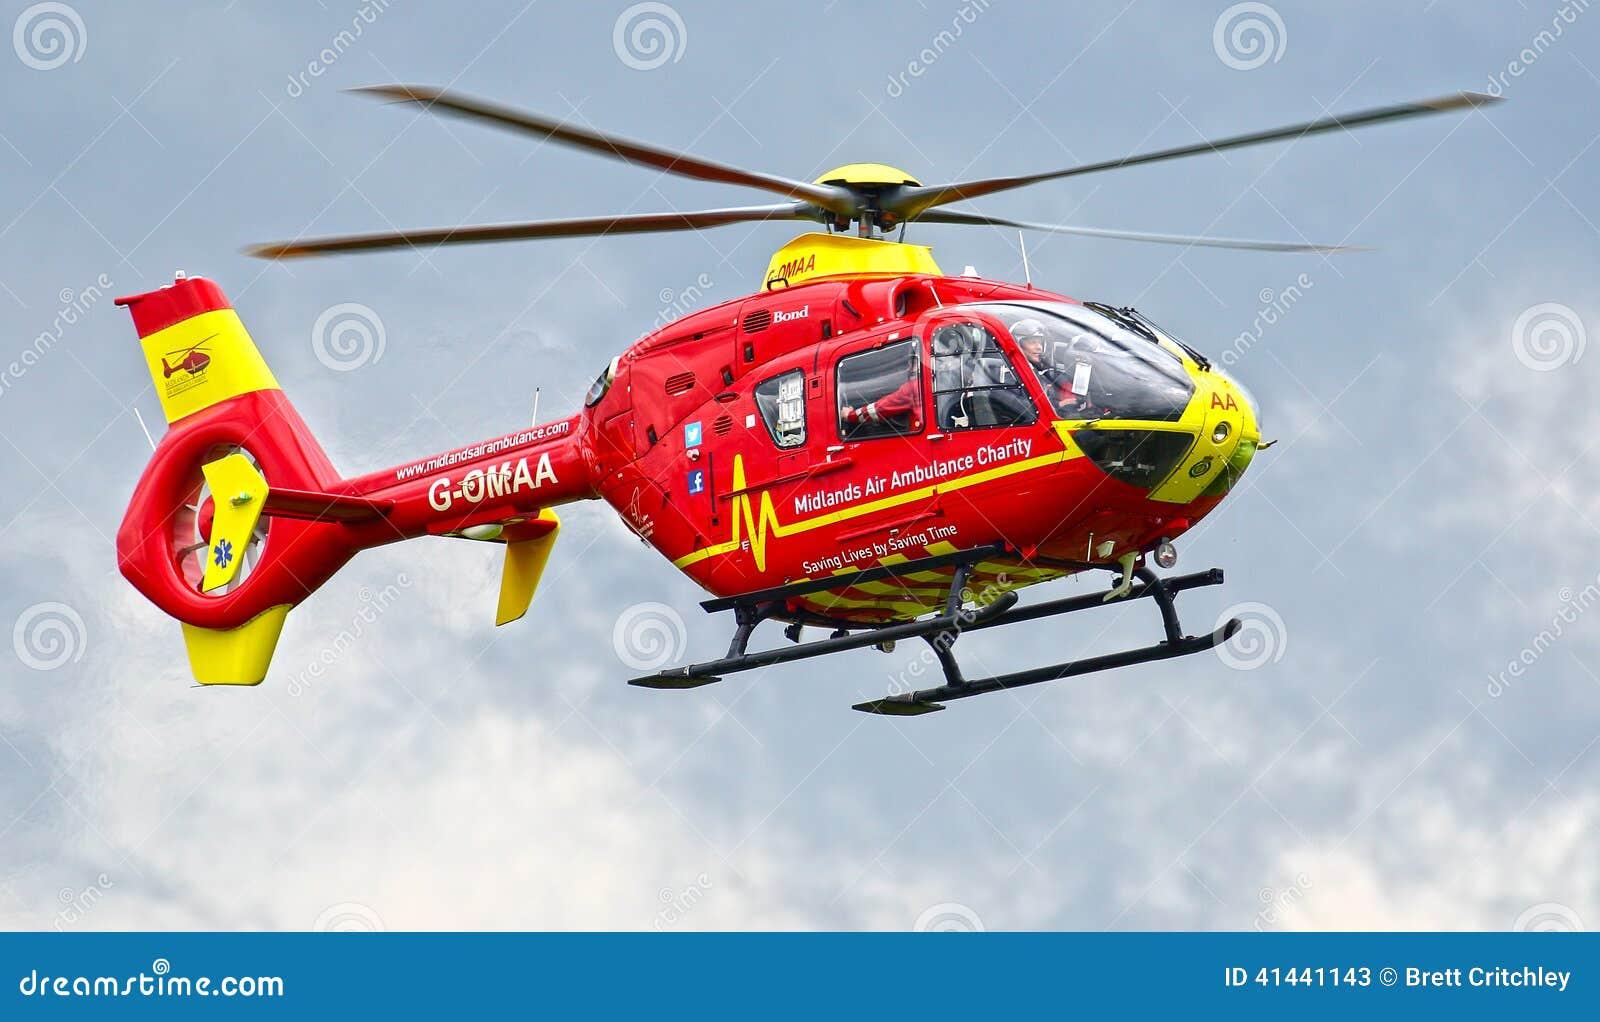 Prima Aereo O Elicottero : Elicottero rosso dell aereo ambulanza fotografia stock